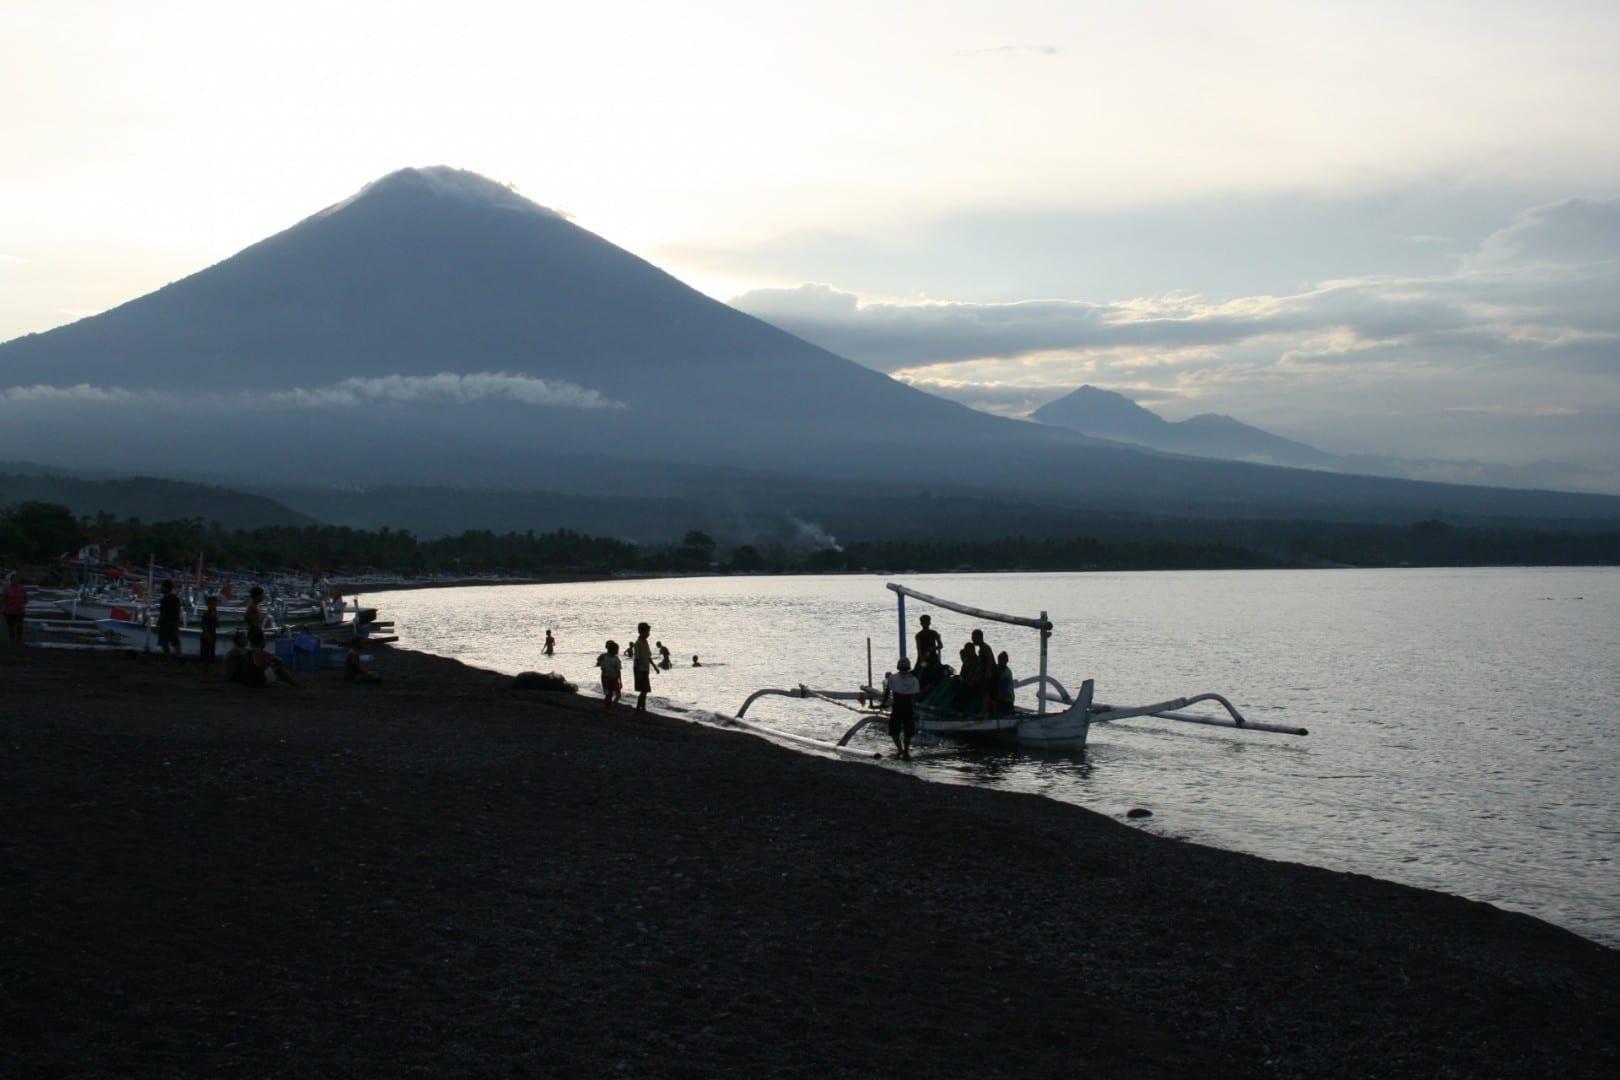 La playa de Amed con el sol desapareciendo detrás del Monte Agung Amed, Bali Indonesia